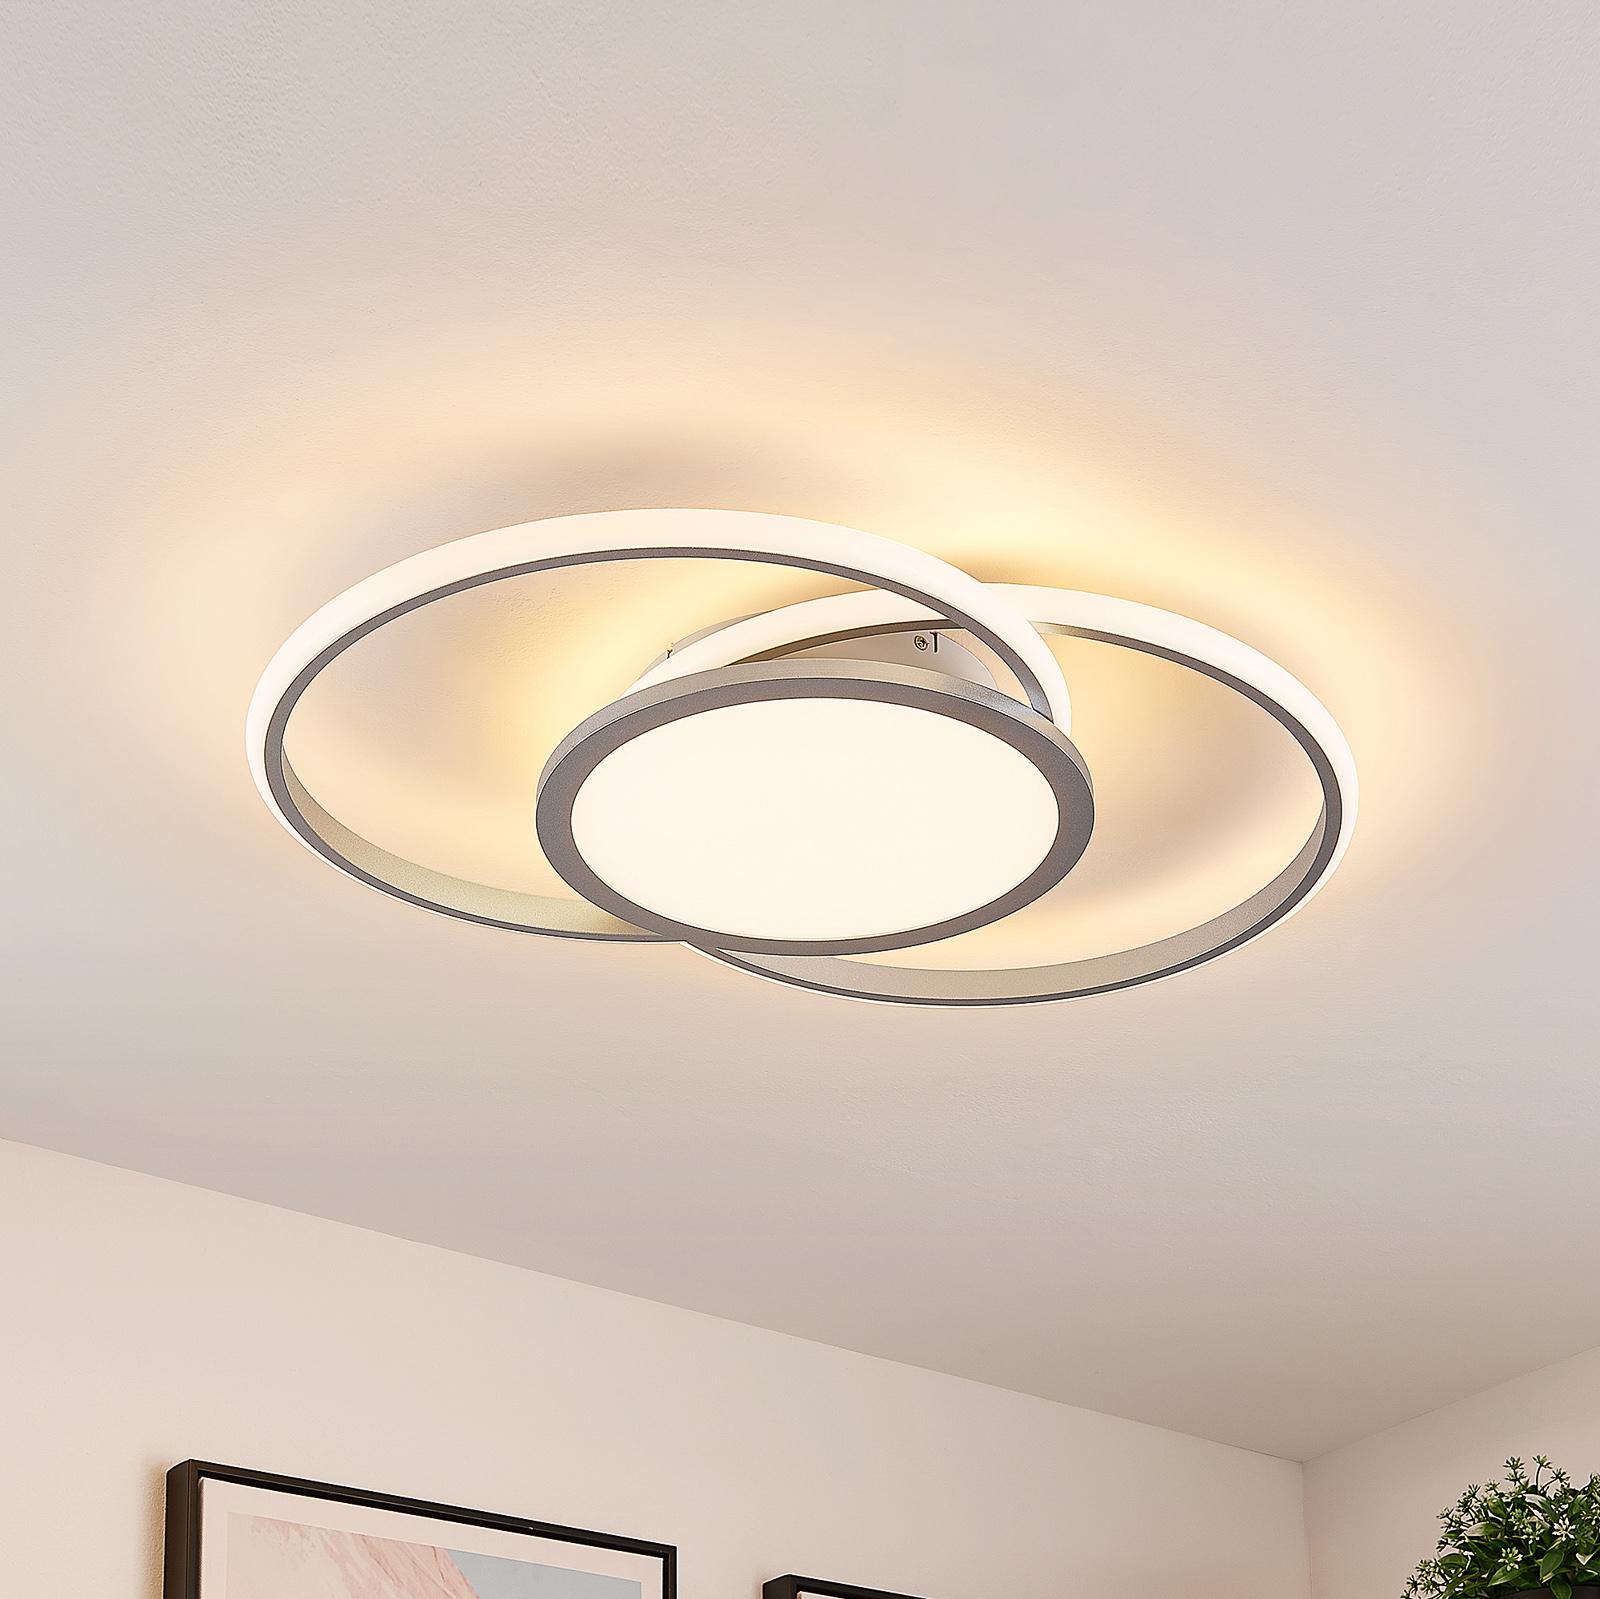 Lucande Senne LED-Deckenlampe, Ringe